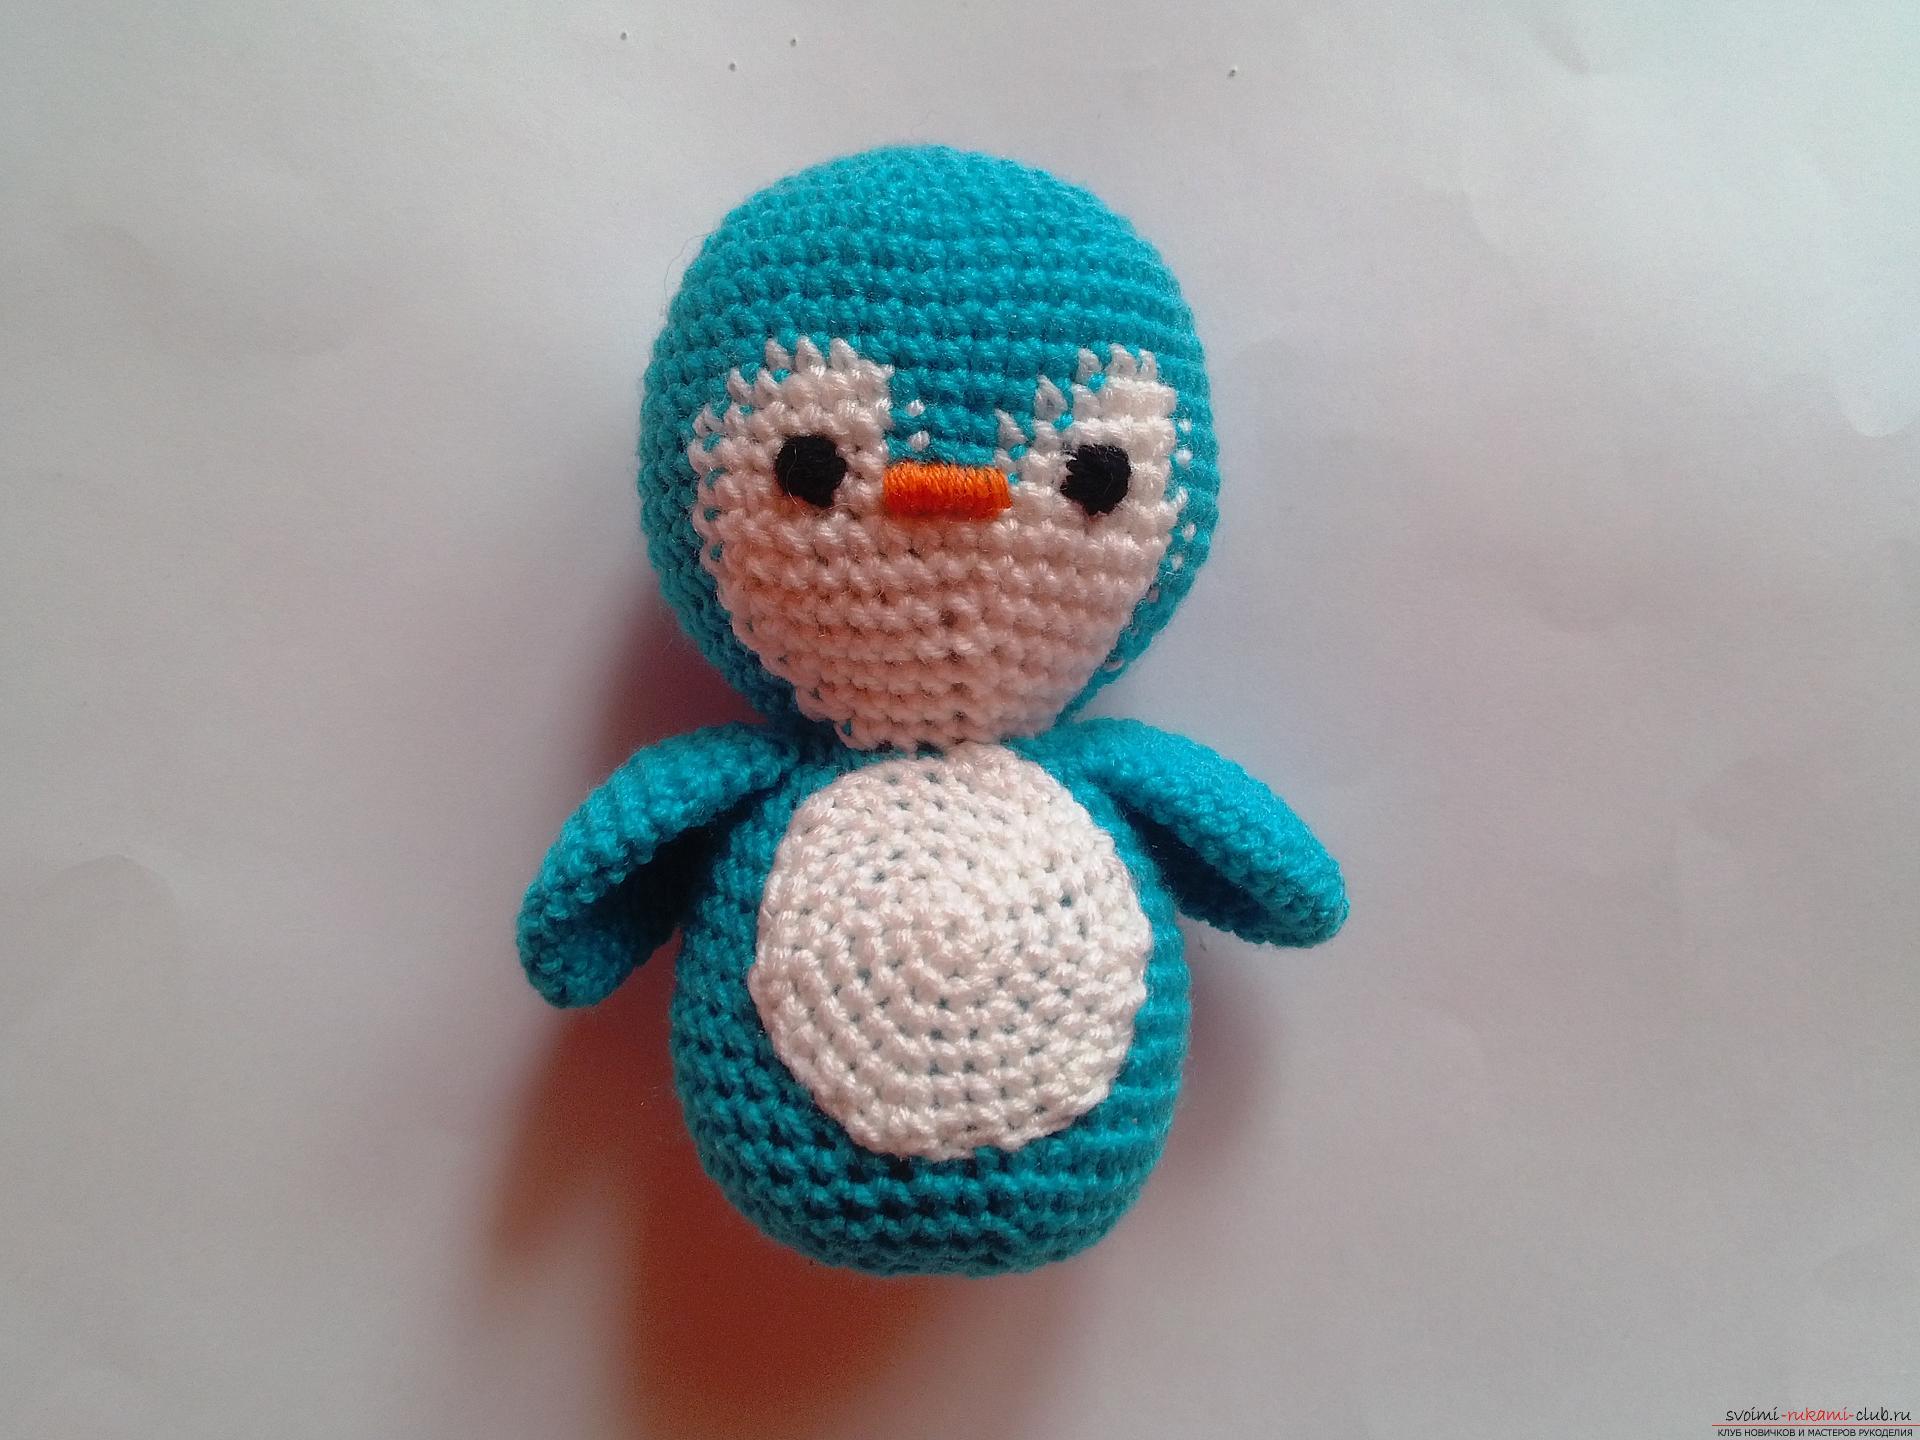 Этот мастер-класс вязания игрушки крючком подробно описывает и показывает на фото как вяжется пингвин своими руками.. Фото №8